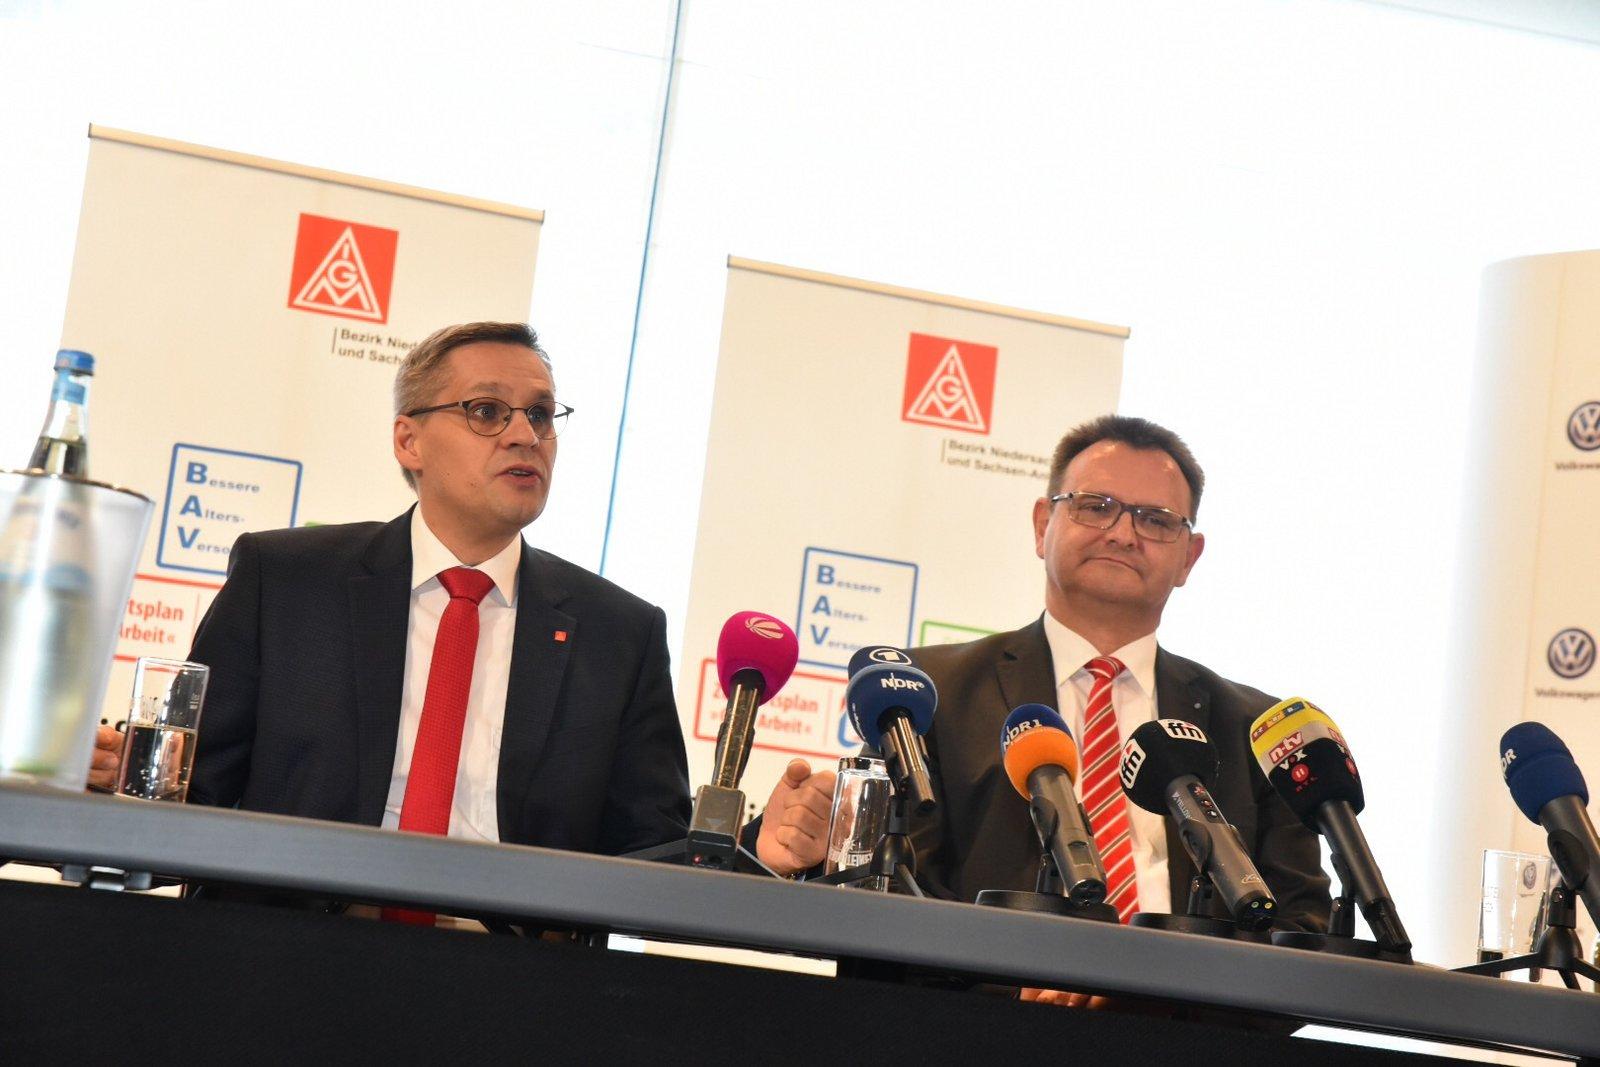 Ergebnis In Tarifverhandlungen Mit Der Volkswagen Ag Erzielt Igm